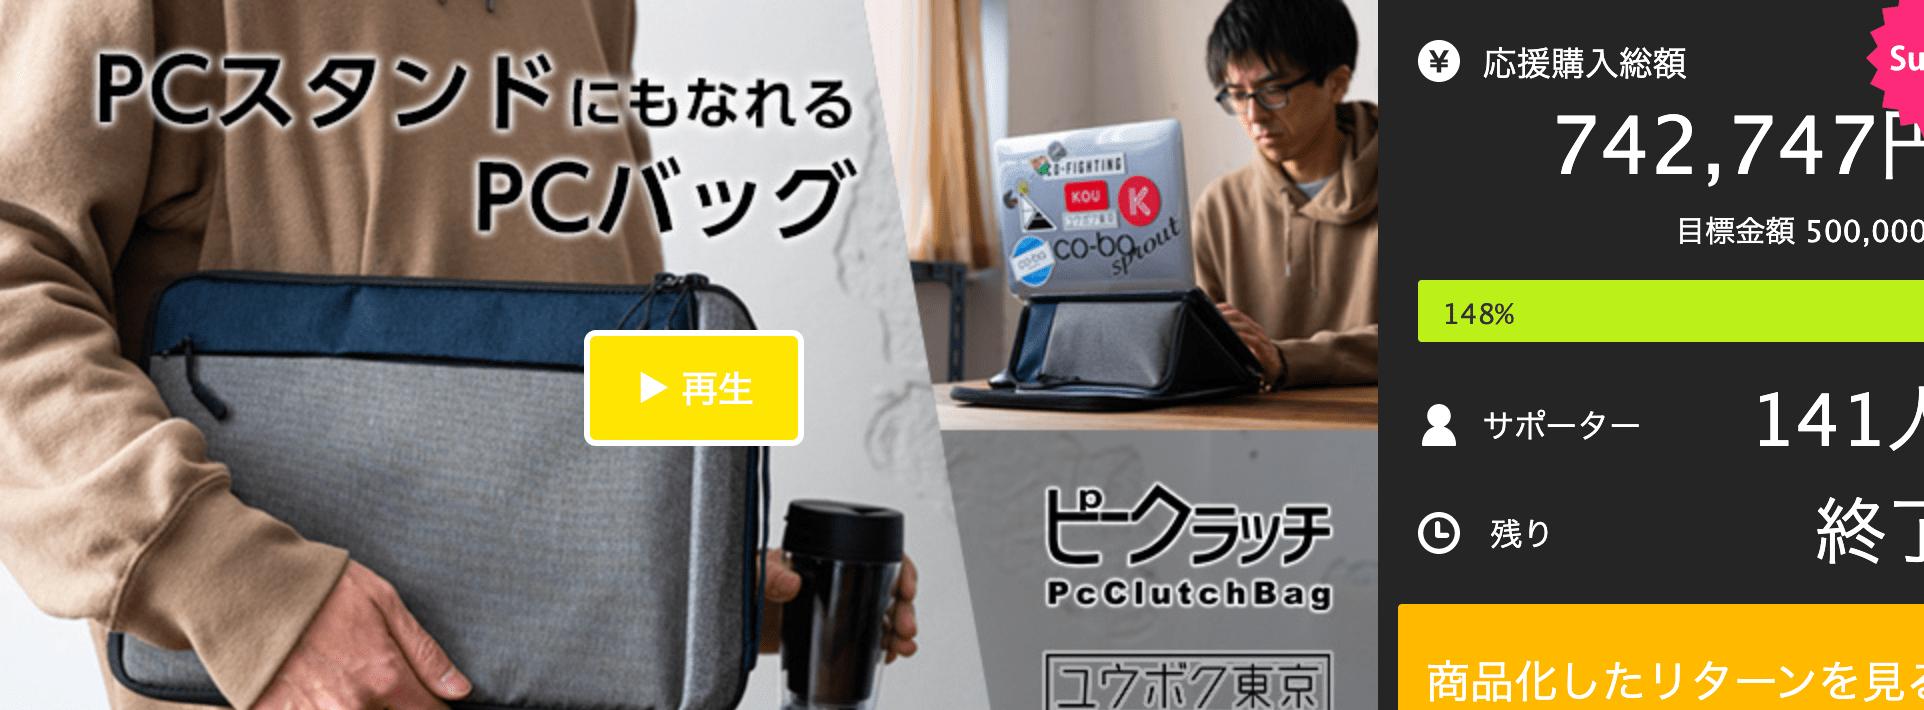 クラウドファンディングMAKUAKEに掲載されるユウボク東京 ピークラッチ